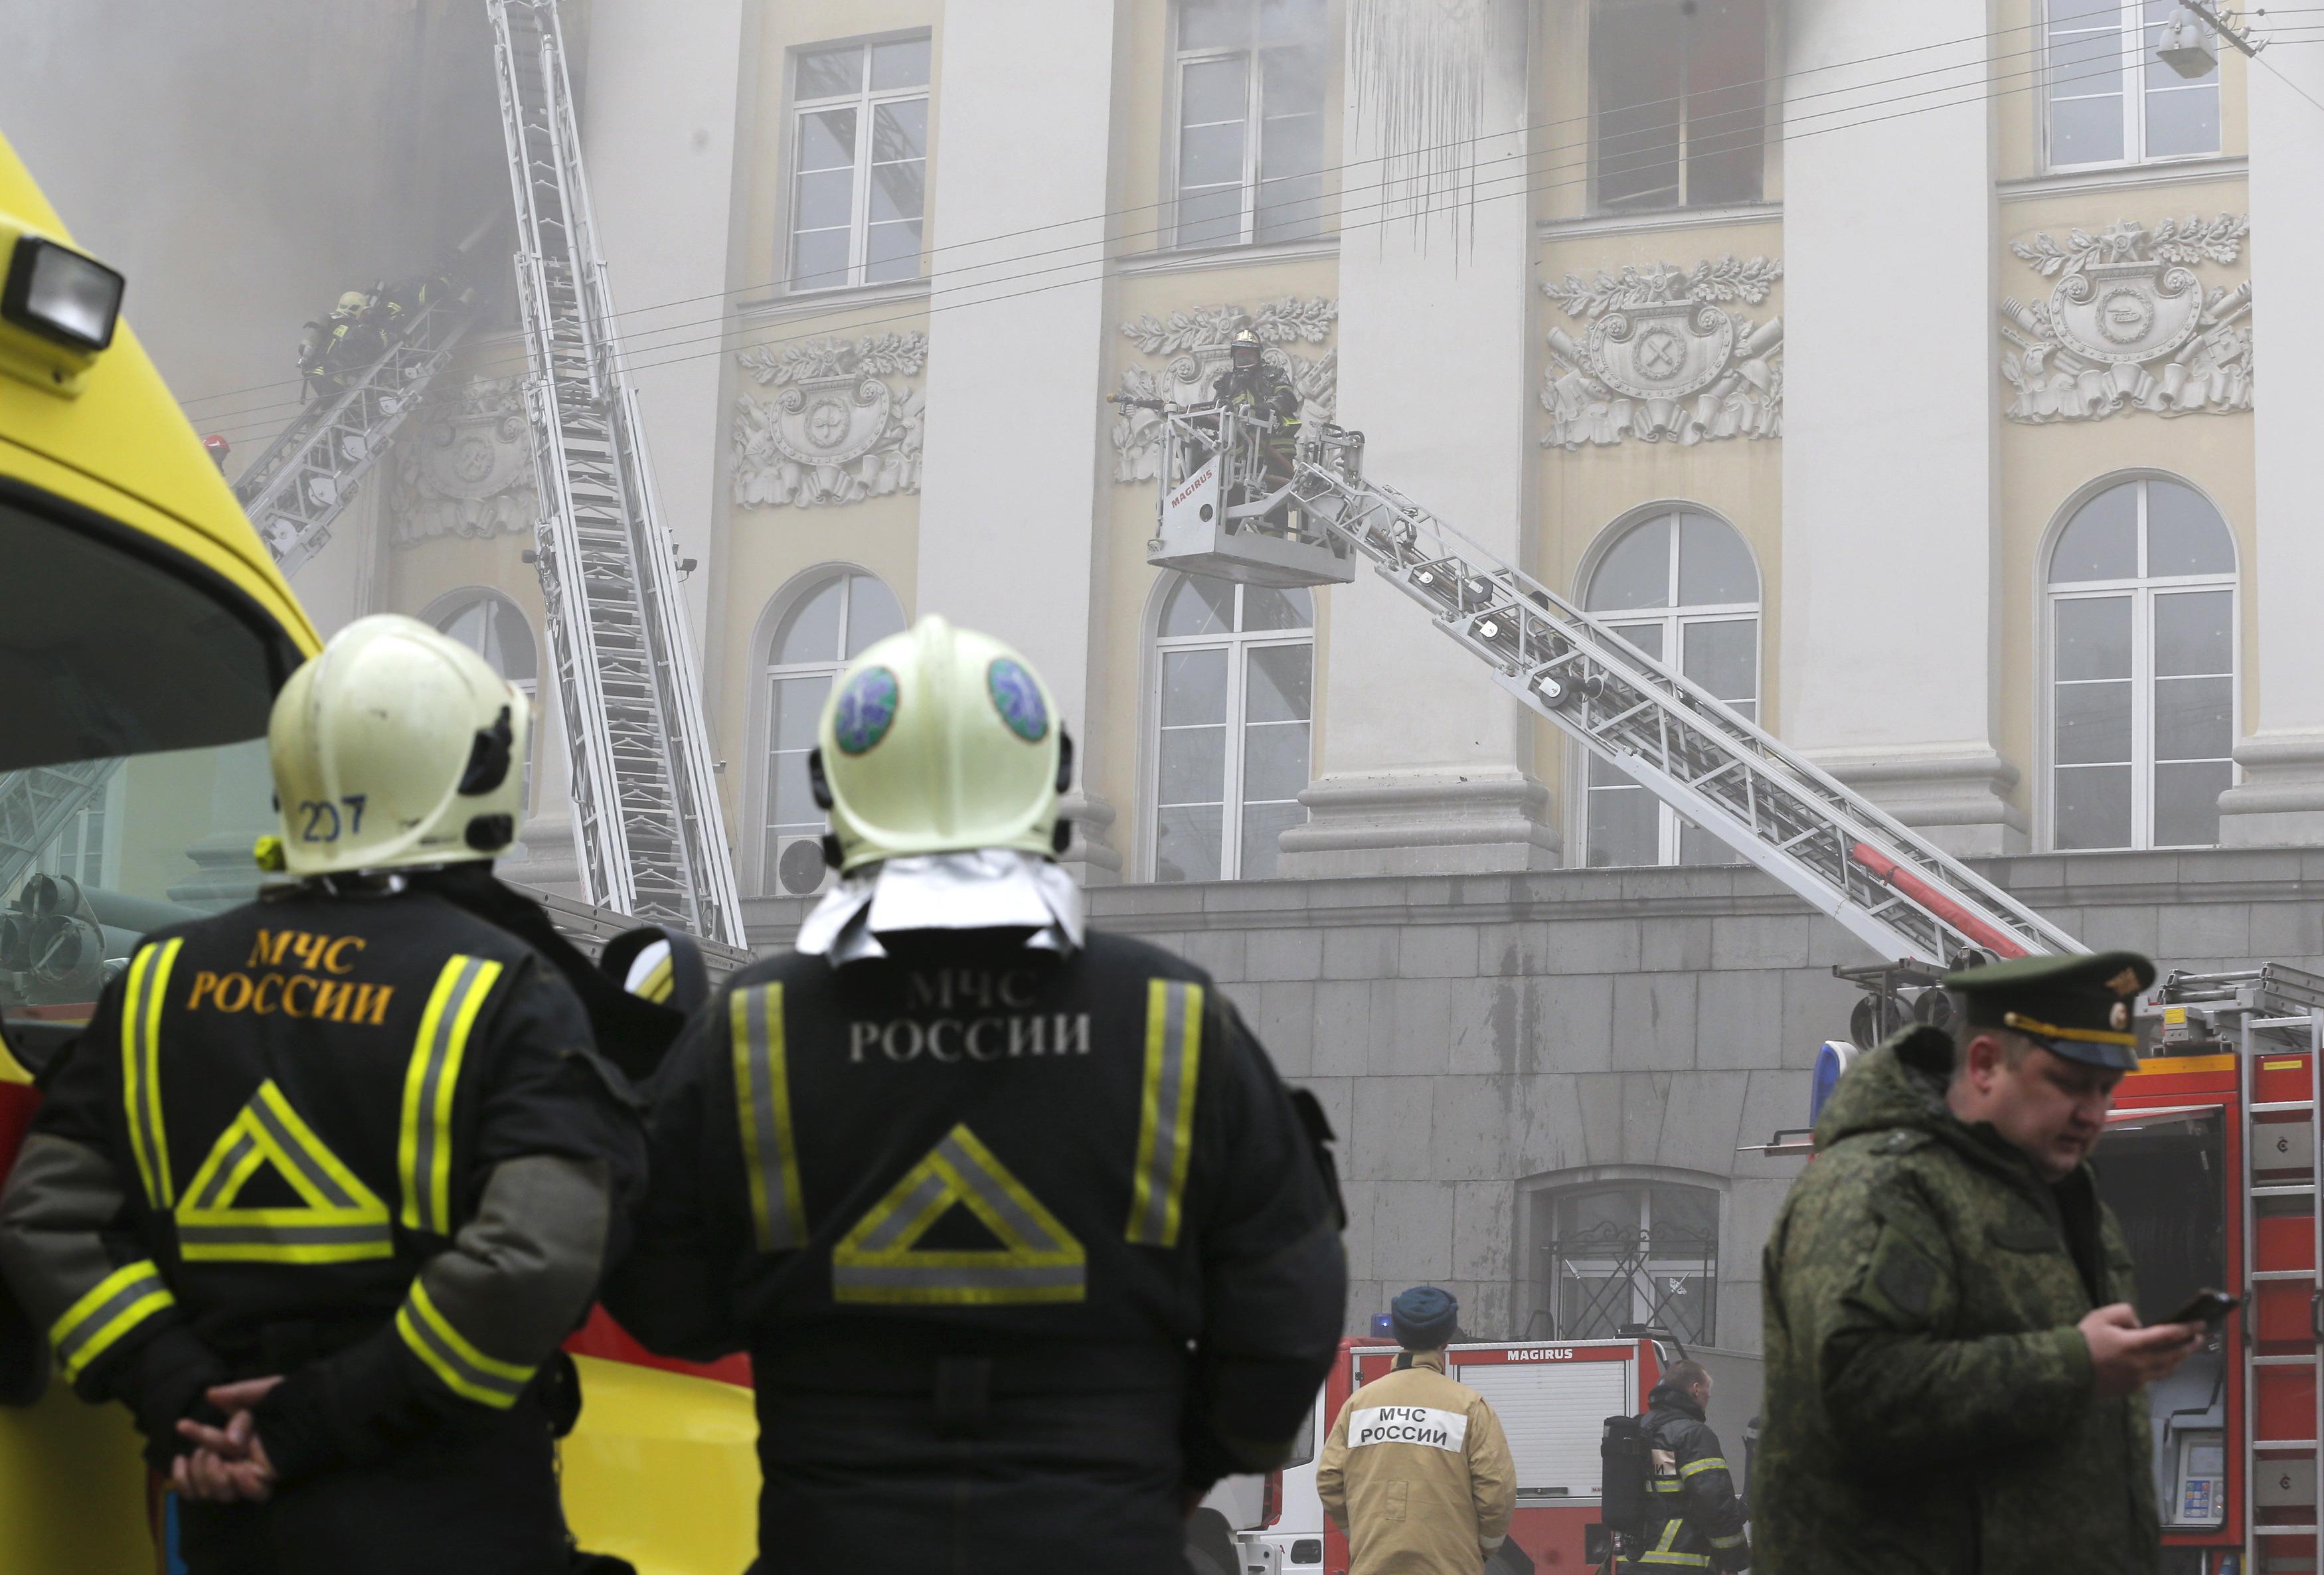 Пожарных и спасателей хотят освободить от наказания за гибель людей